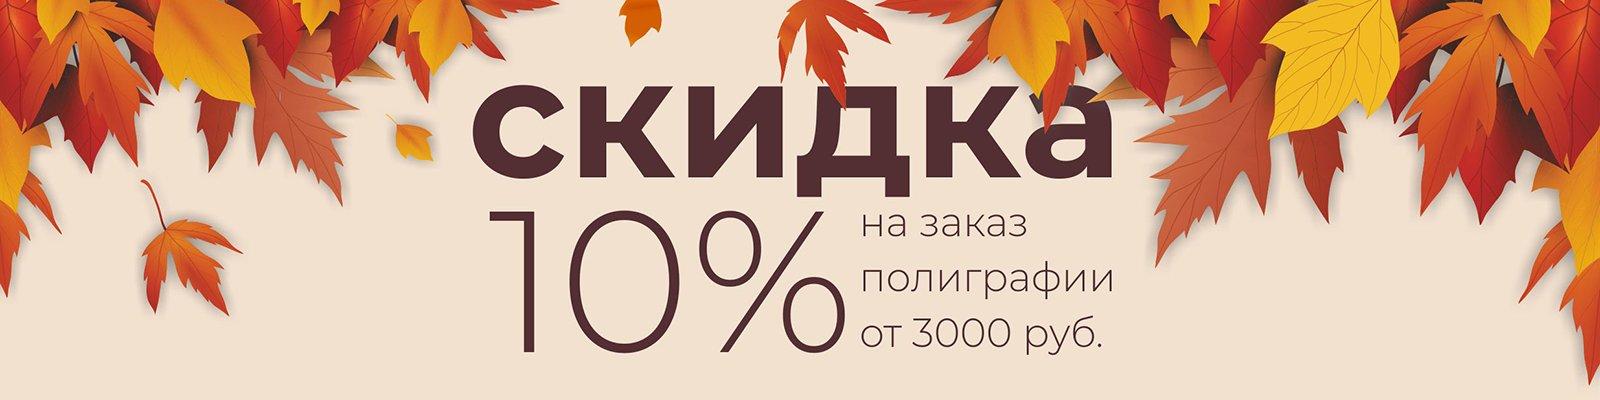 Получите скидку -10% на все заказы от 3000 рублей